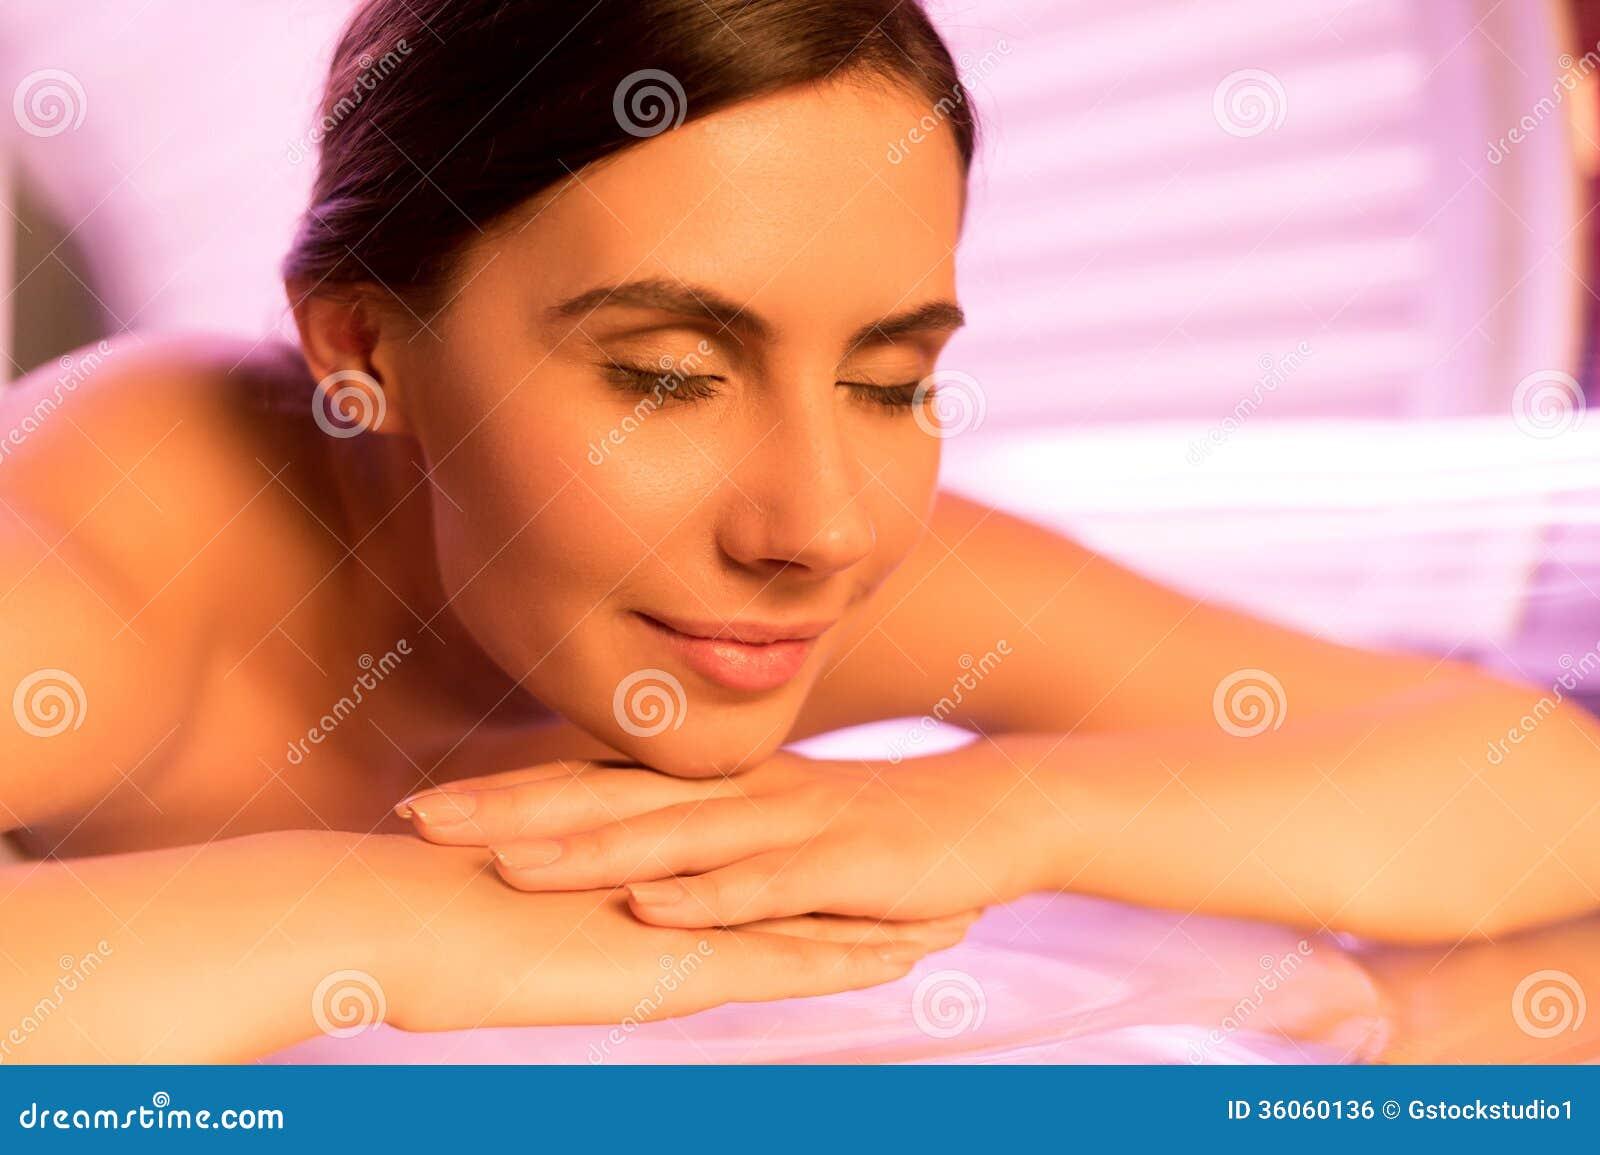 Solarium Treatment. Royalty Free Stock Image - Image: 36060136